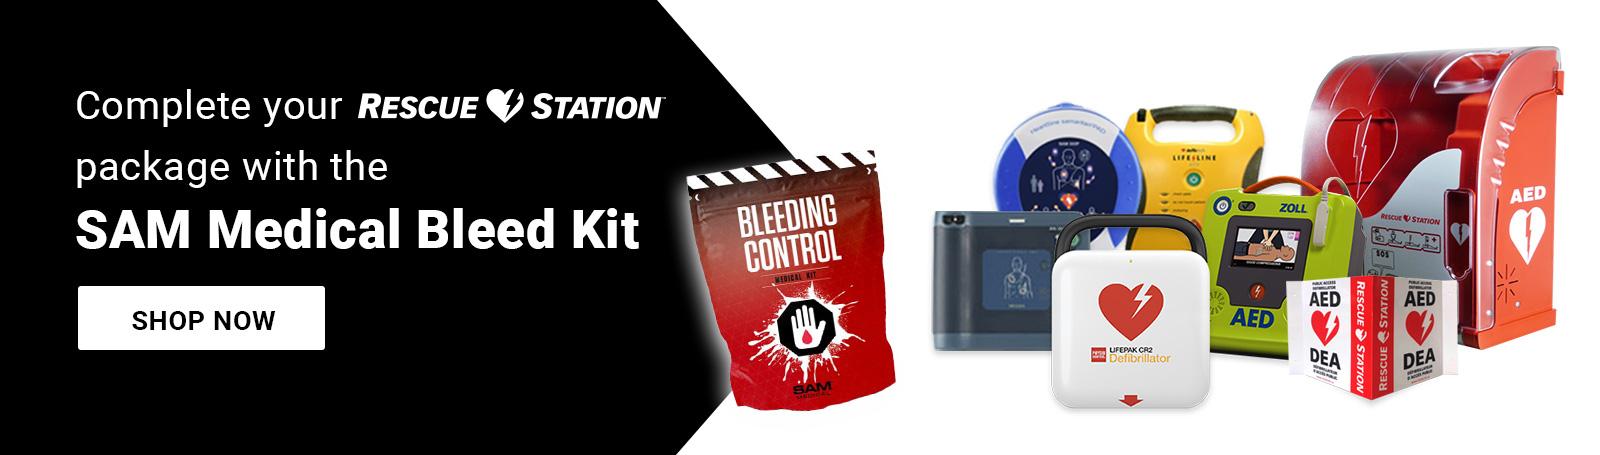 Adda bleed kit